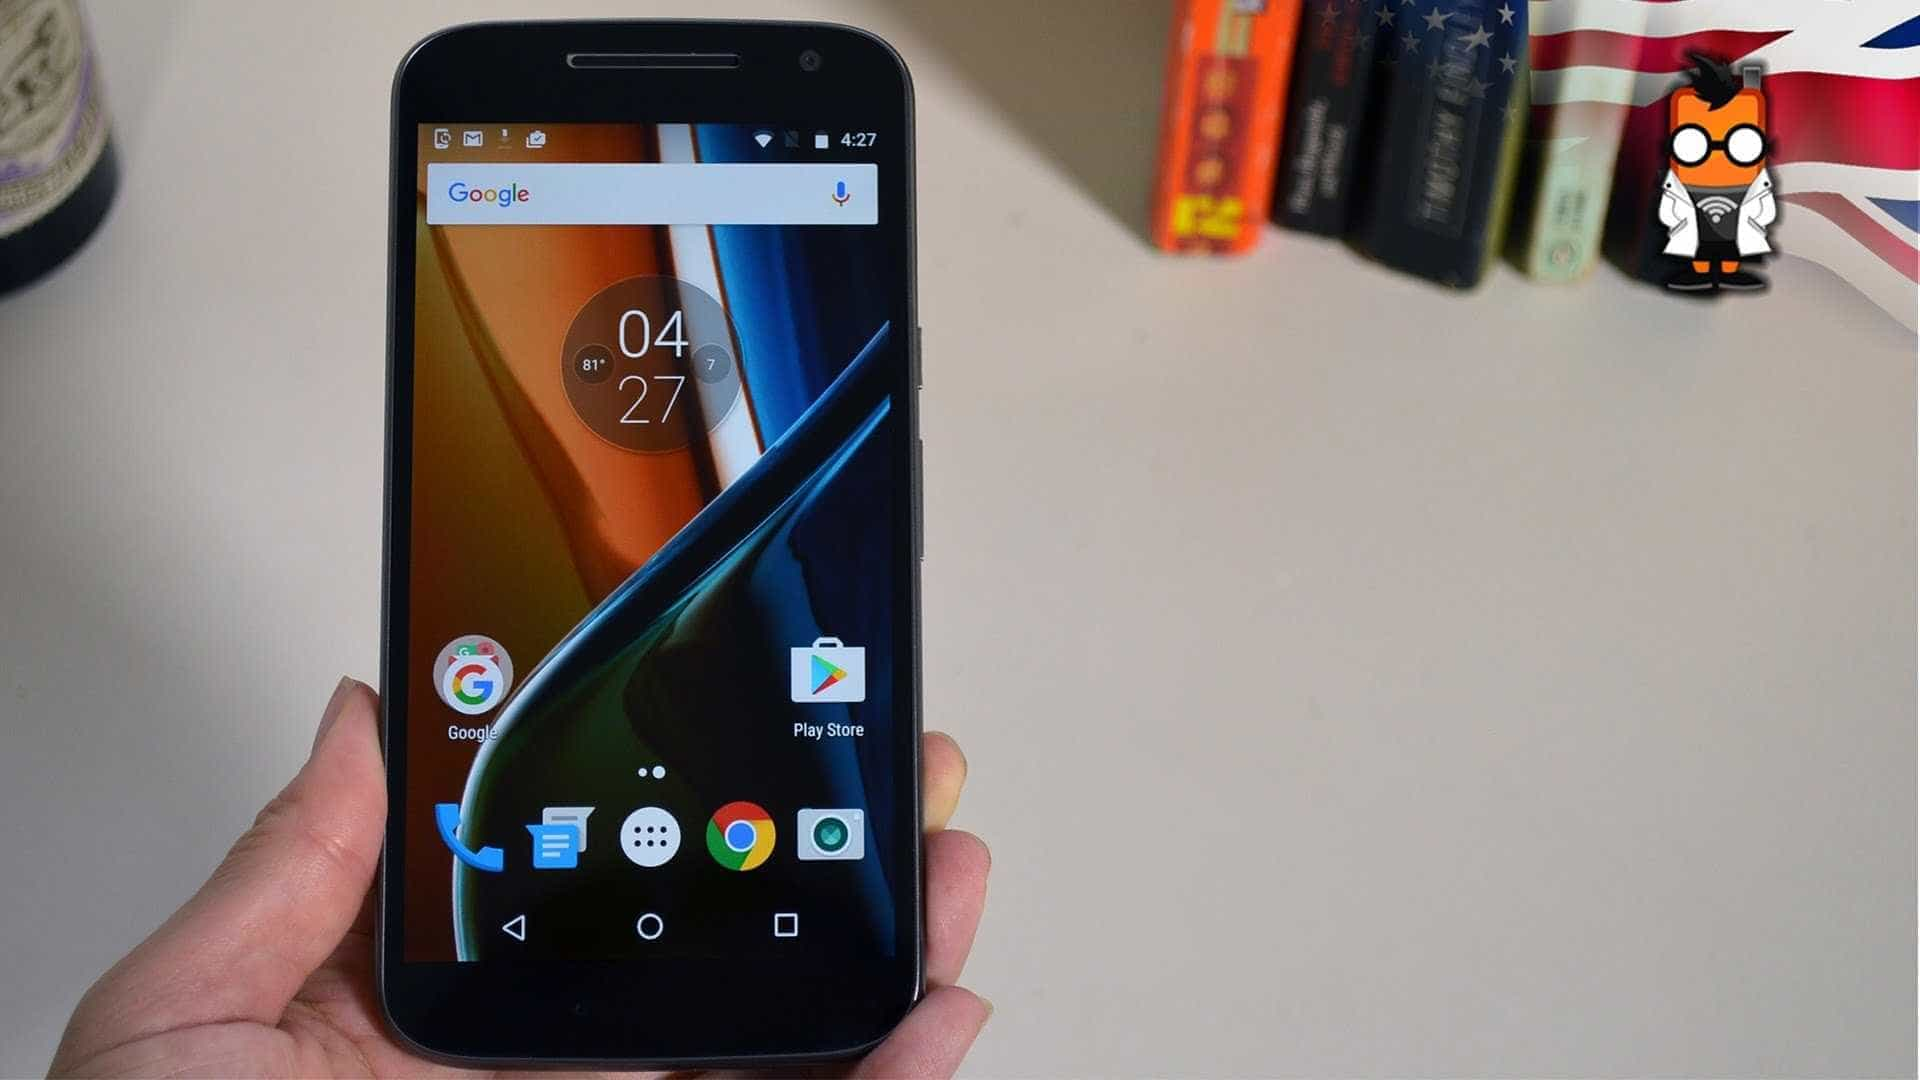 Smartphone pega fogo dentro do bolso de usuário; veja vídeo